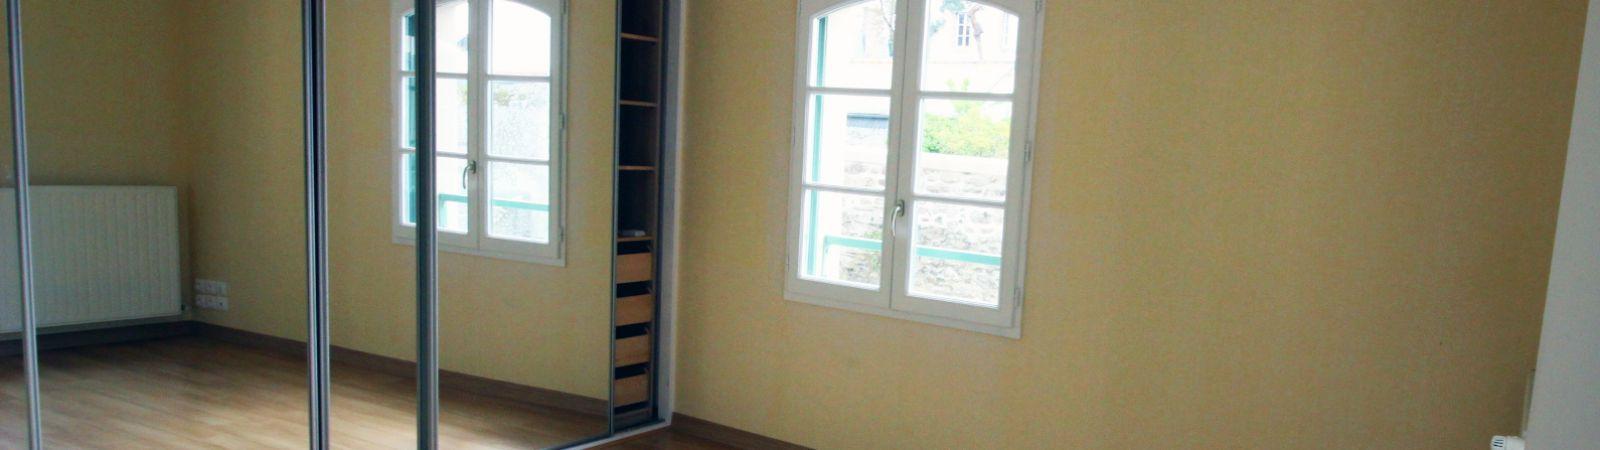 photo 5: Emplacement privilégié pour cet appartement de standing en duplex